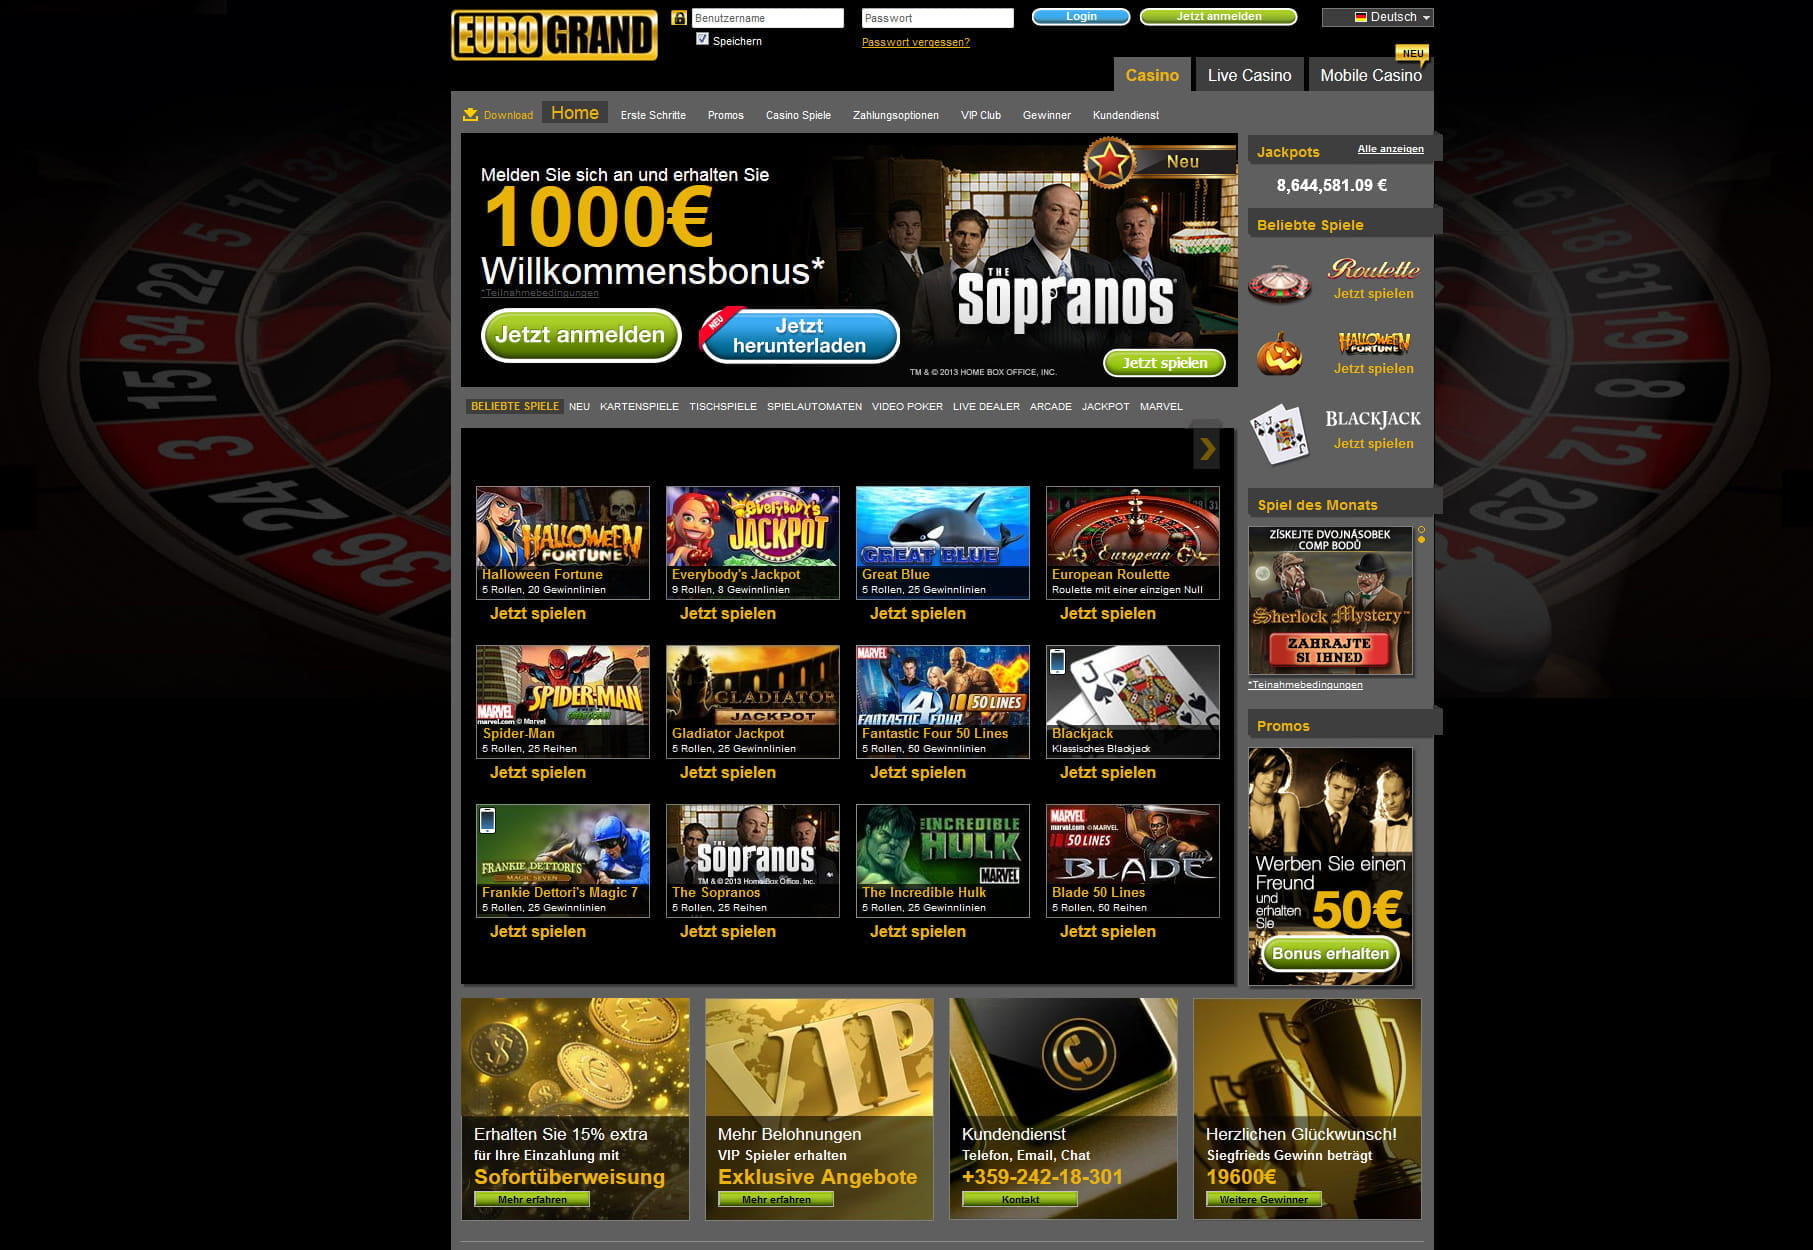 test online casino onlin spielen ohne anmeldung